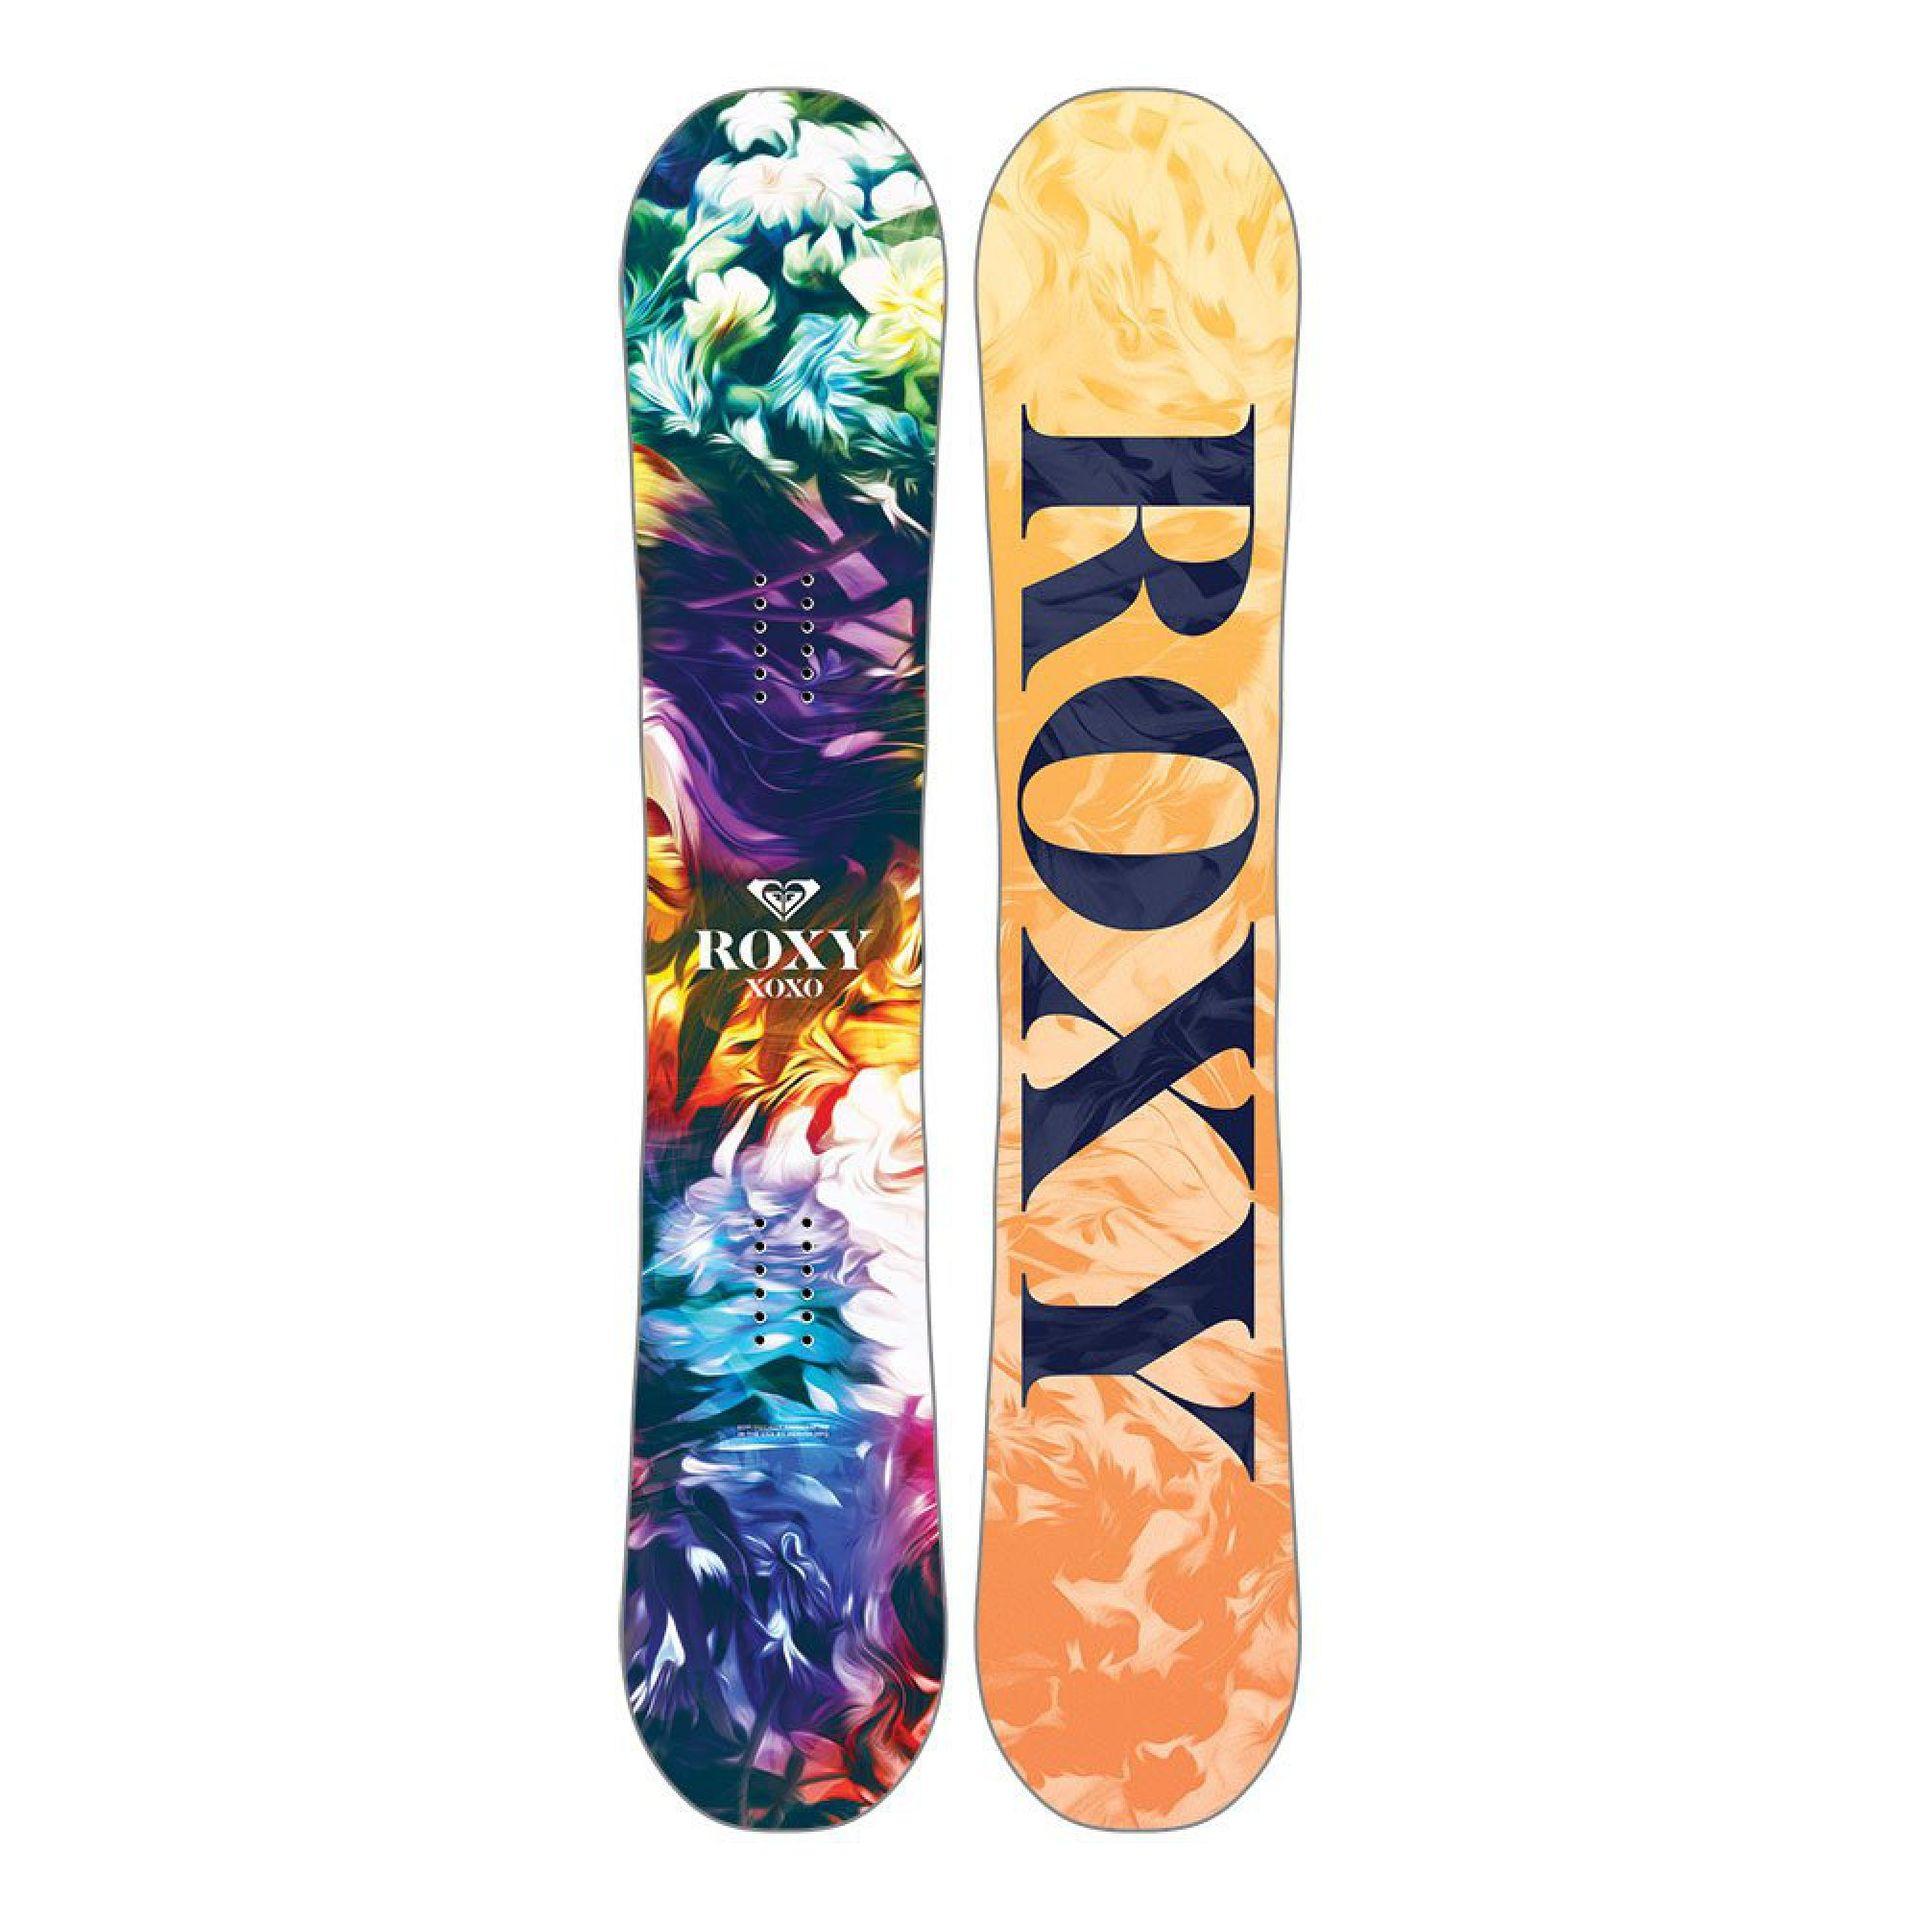 DESKA SNOWBOARDOWA ROXY XOXO FLOWERS